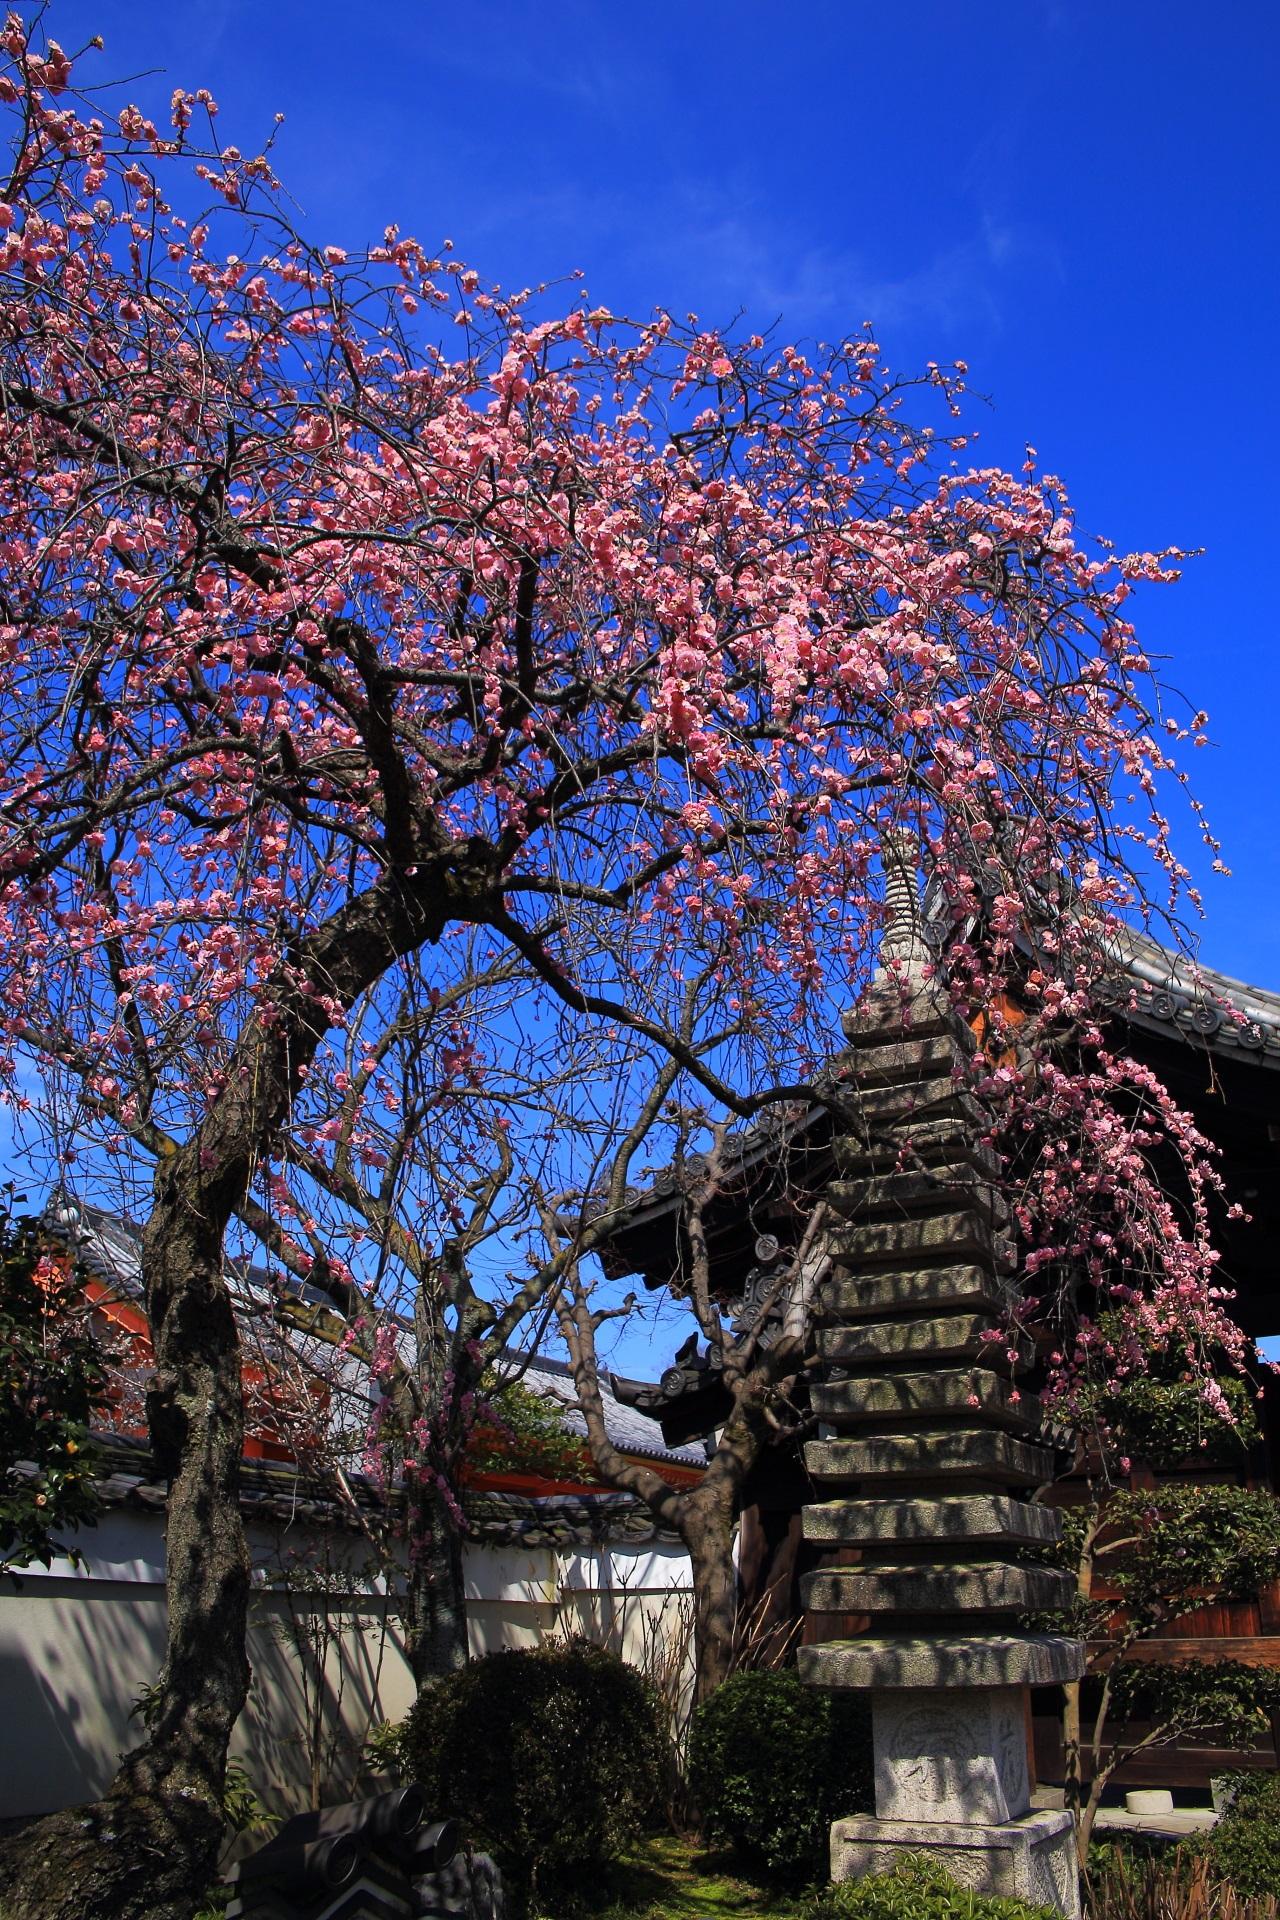 法住寺の素晴らしい梅の花と春の情景